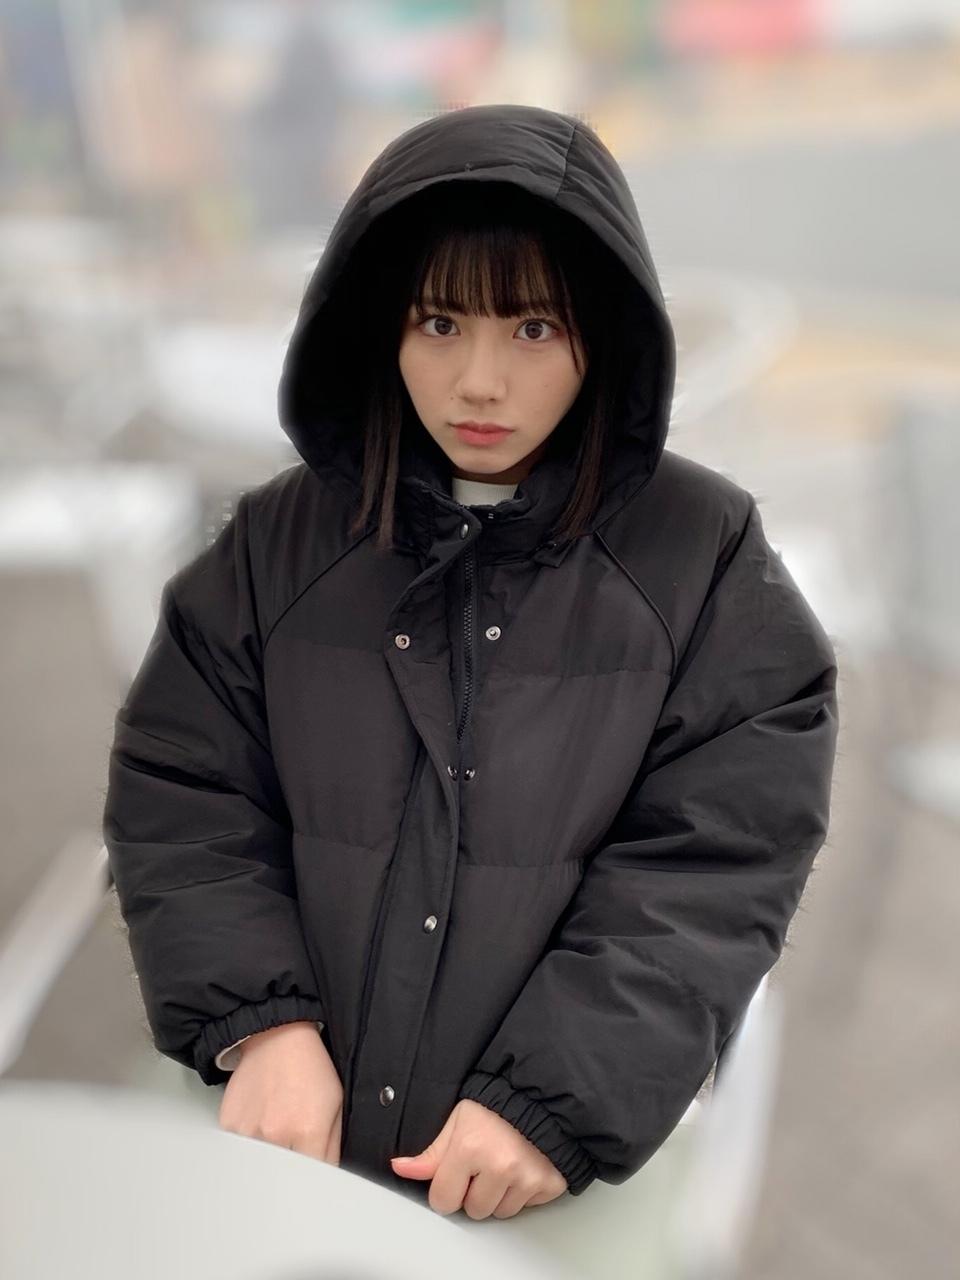 渡邉美穂さんの「しっかり覚えました🐈」